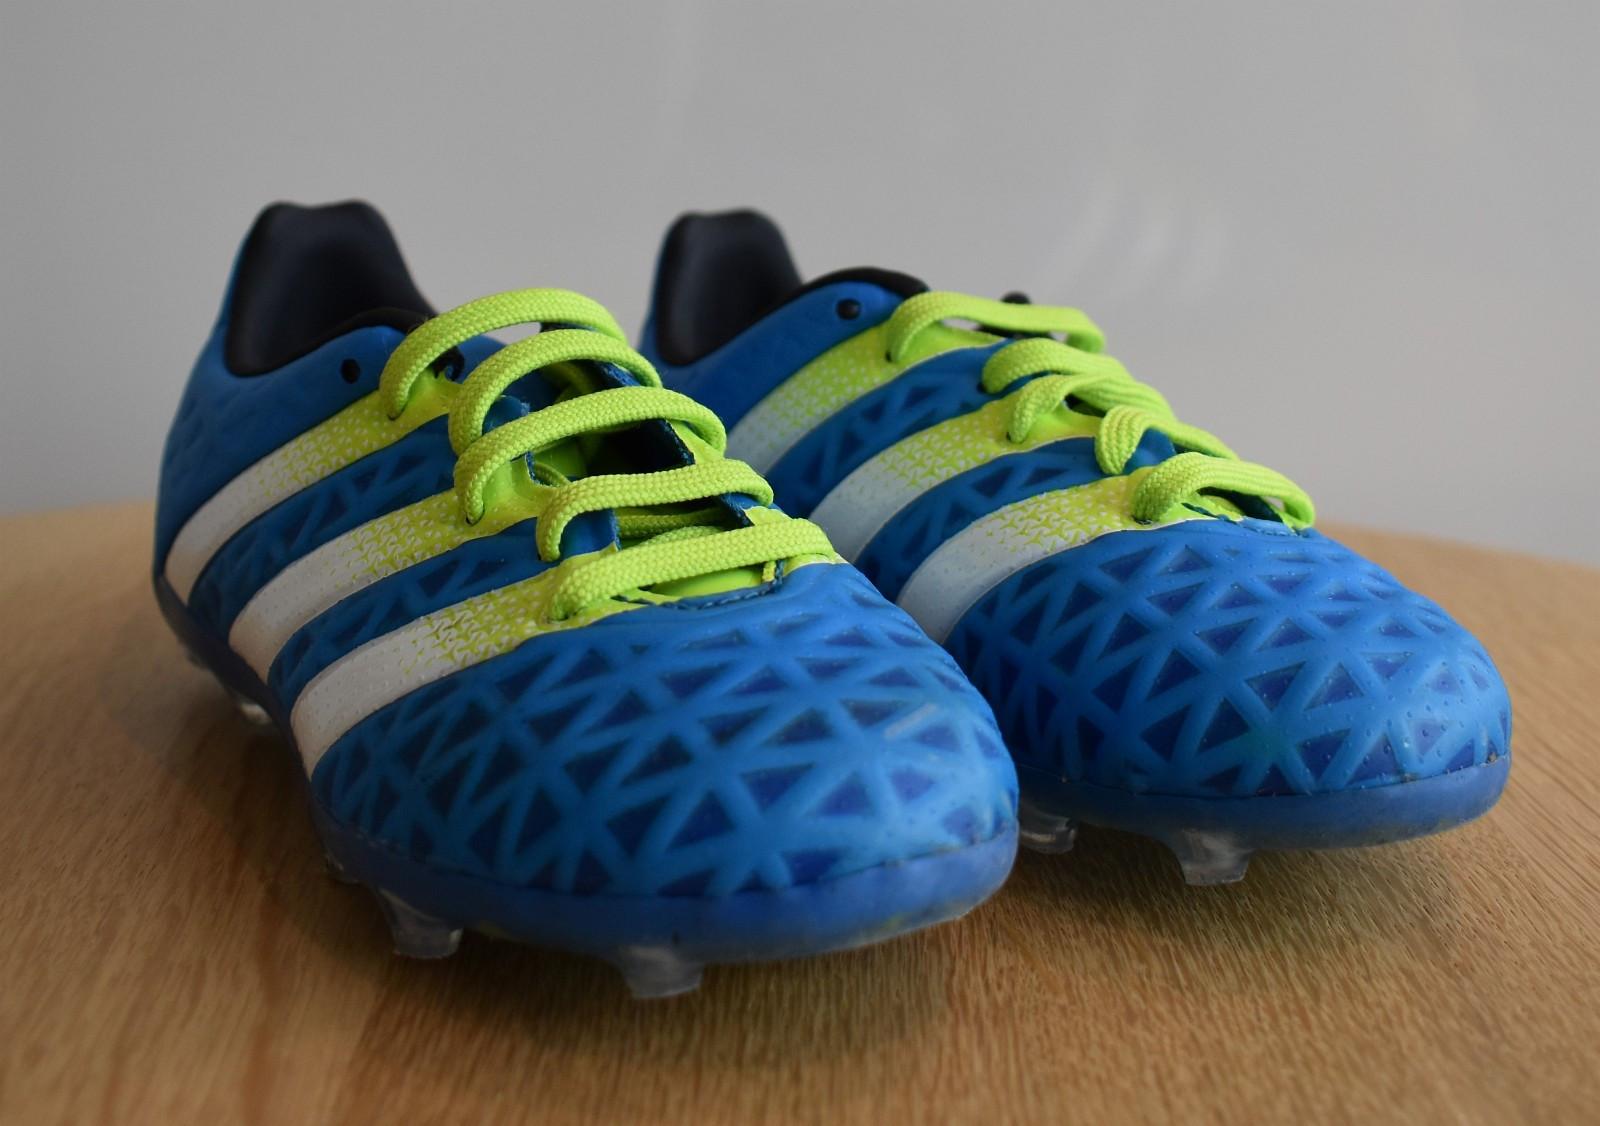 huge discount 74d8e 2ff06 ... order low price knapt brukte fotballsko adidas ace 16.1 fg ag blå grønn  hvit til 28f02